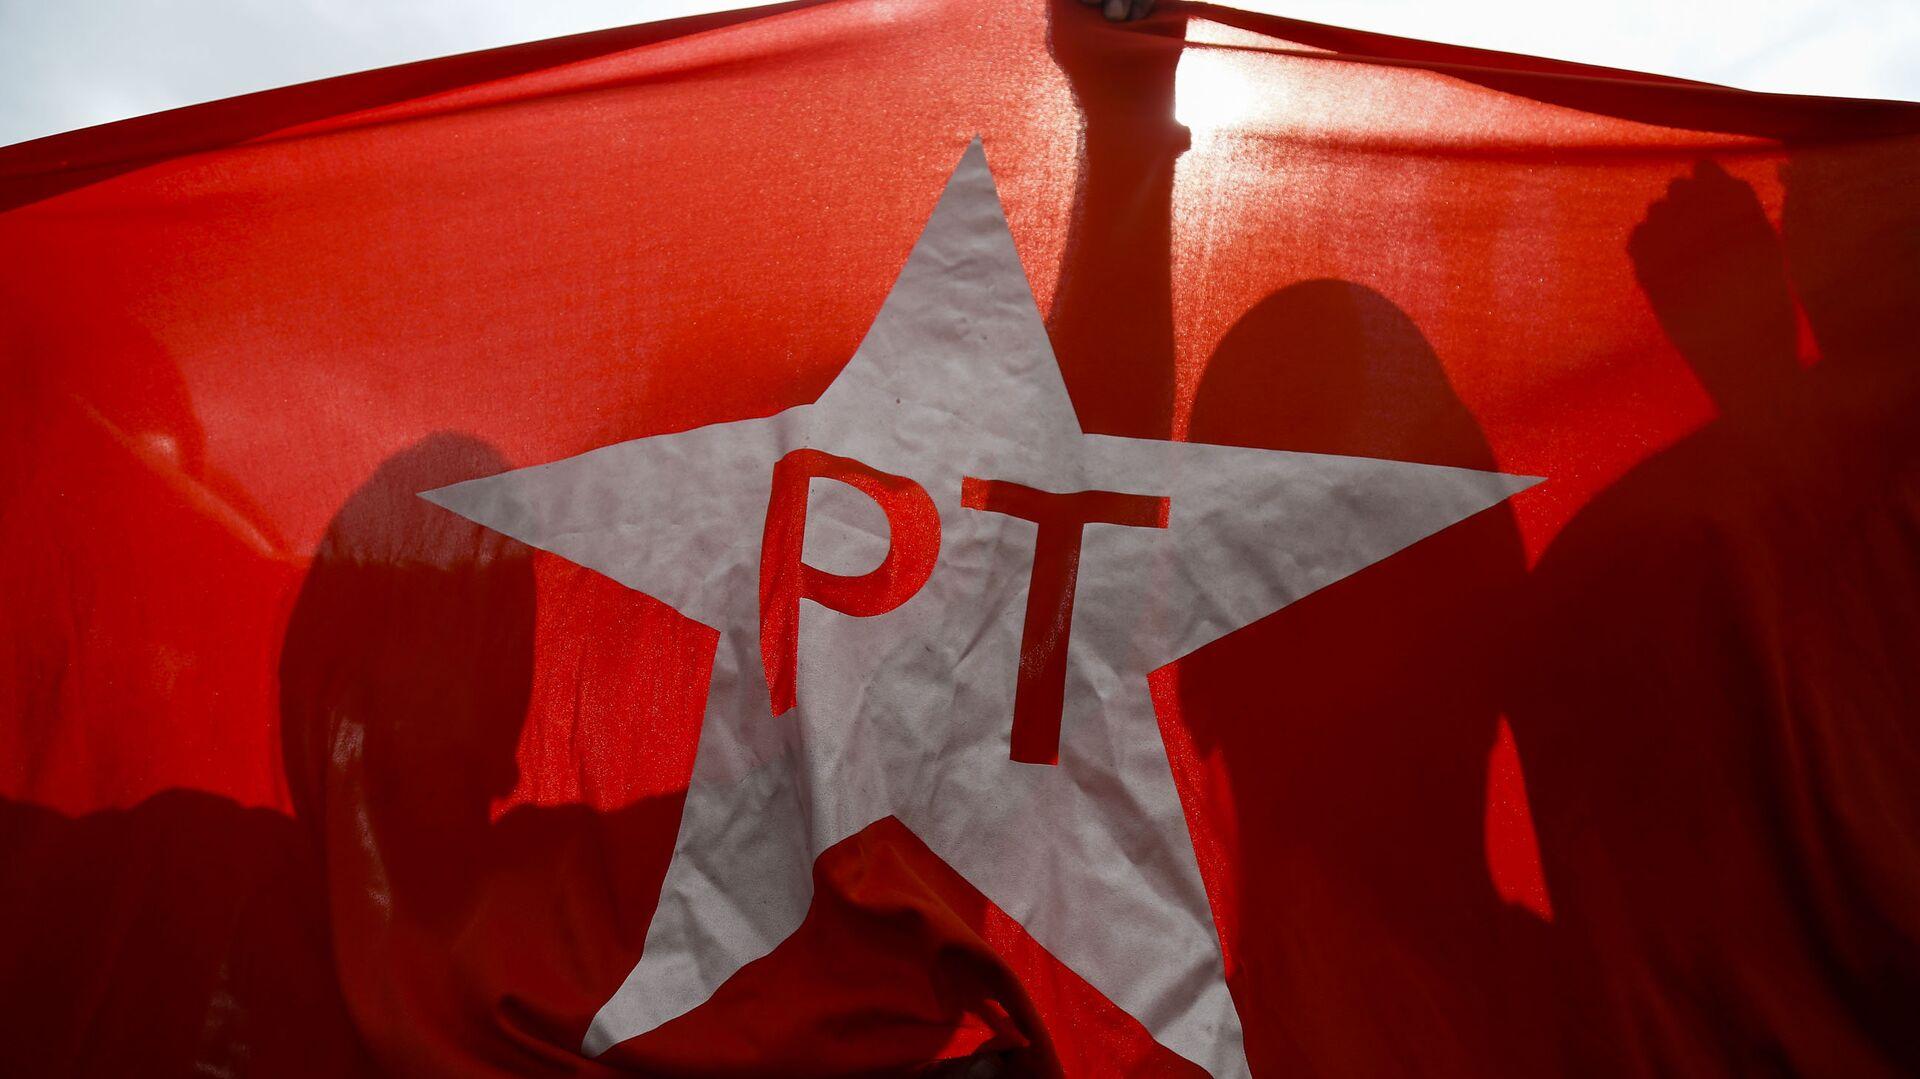 Bandera del Partido de los Trabajadores - Sputnik Mundo, 1920, 31.05.2021